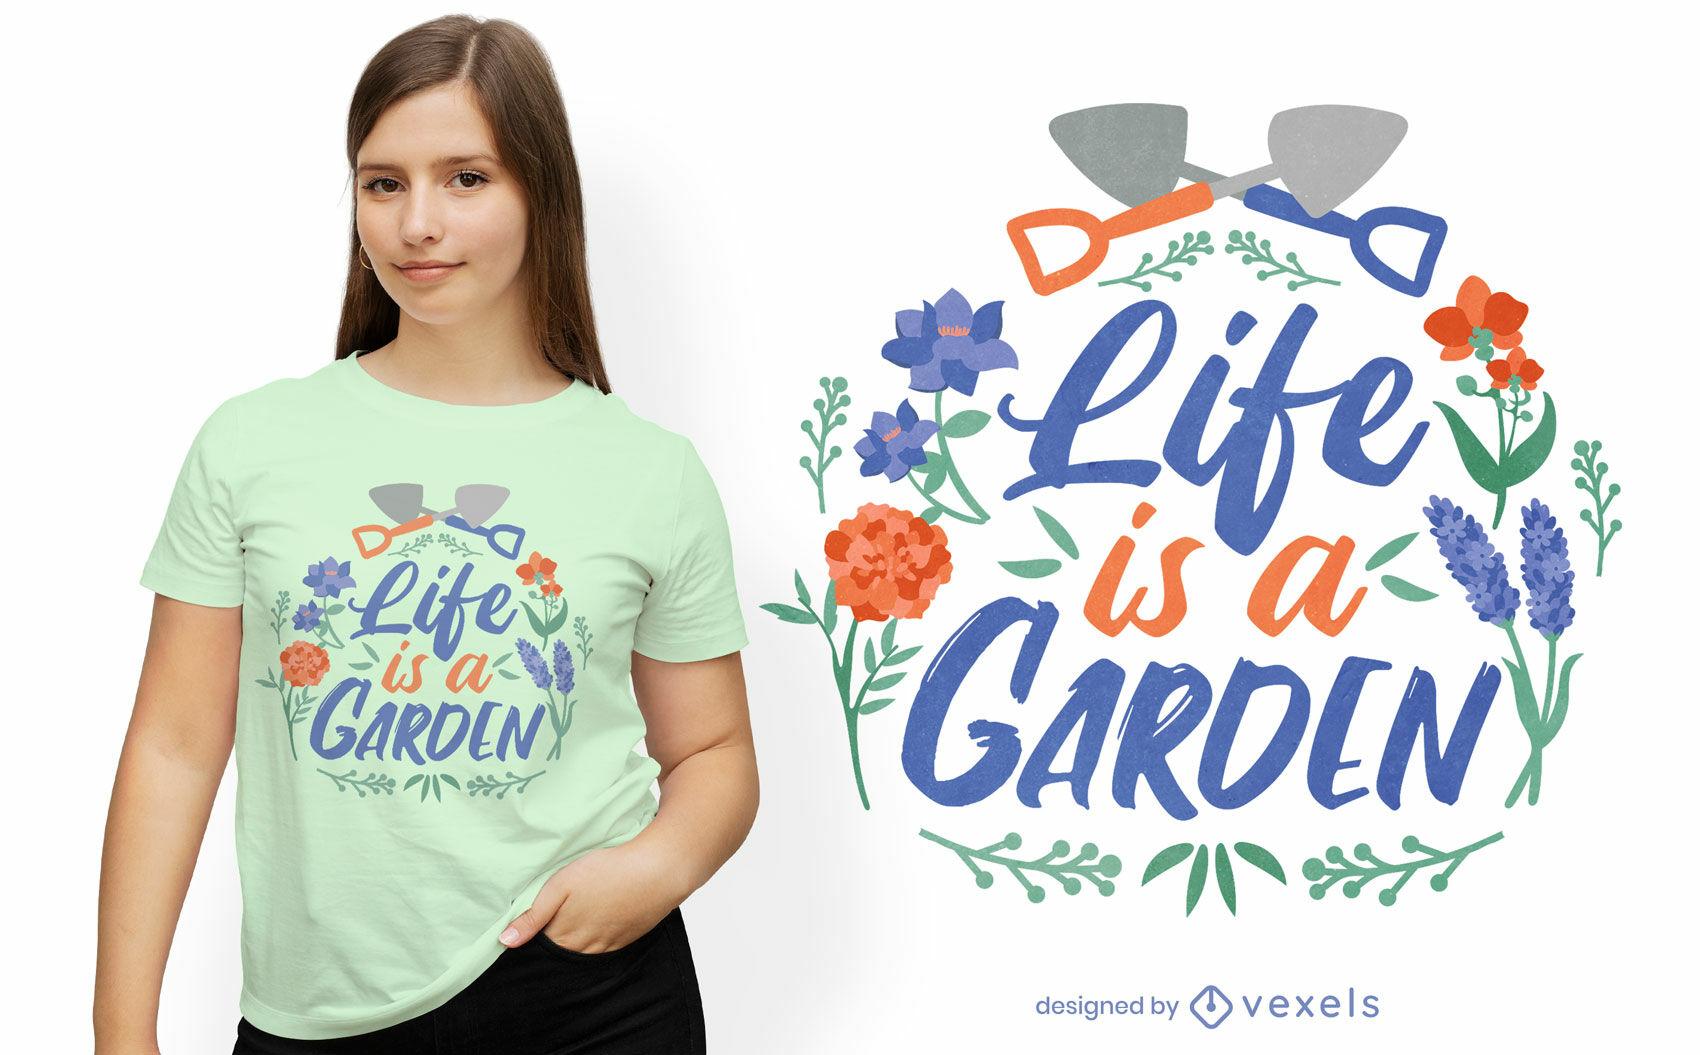 La vida es una letra de diseño de camiseta de jardín.